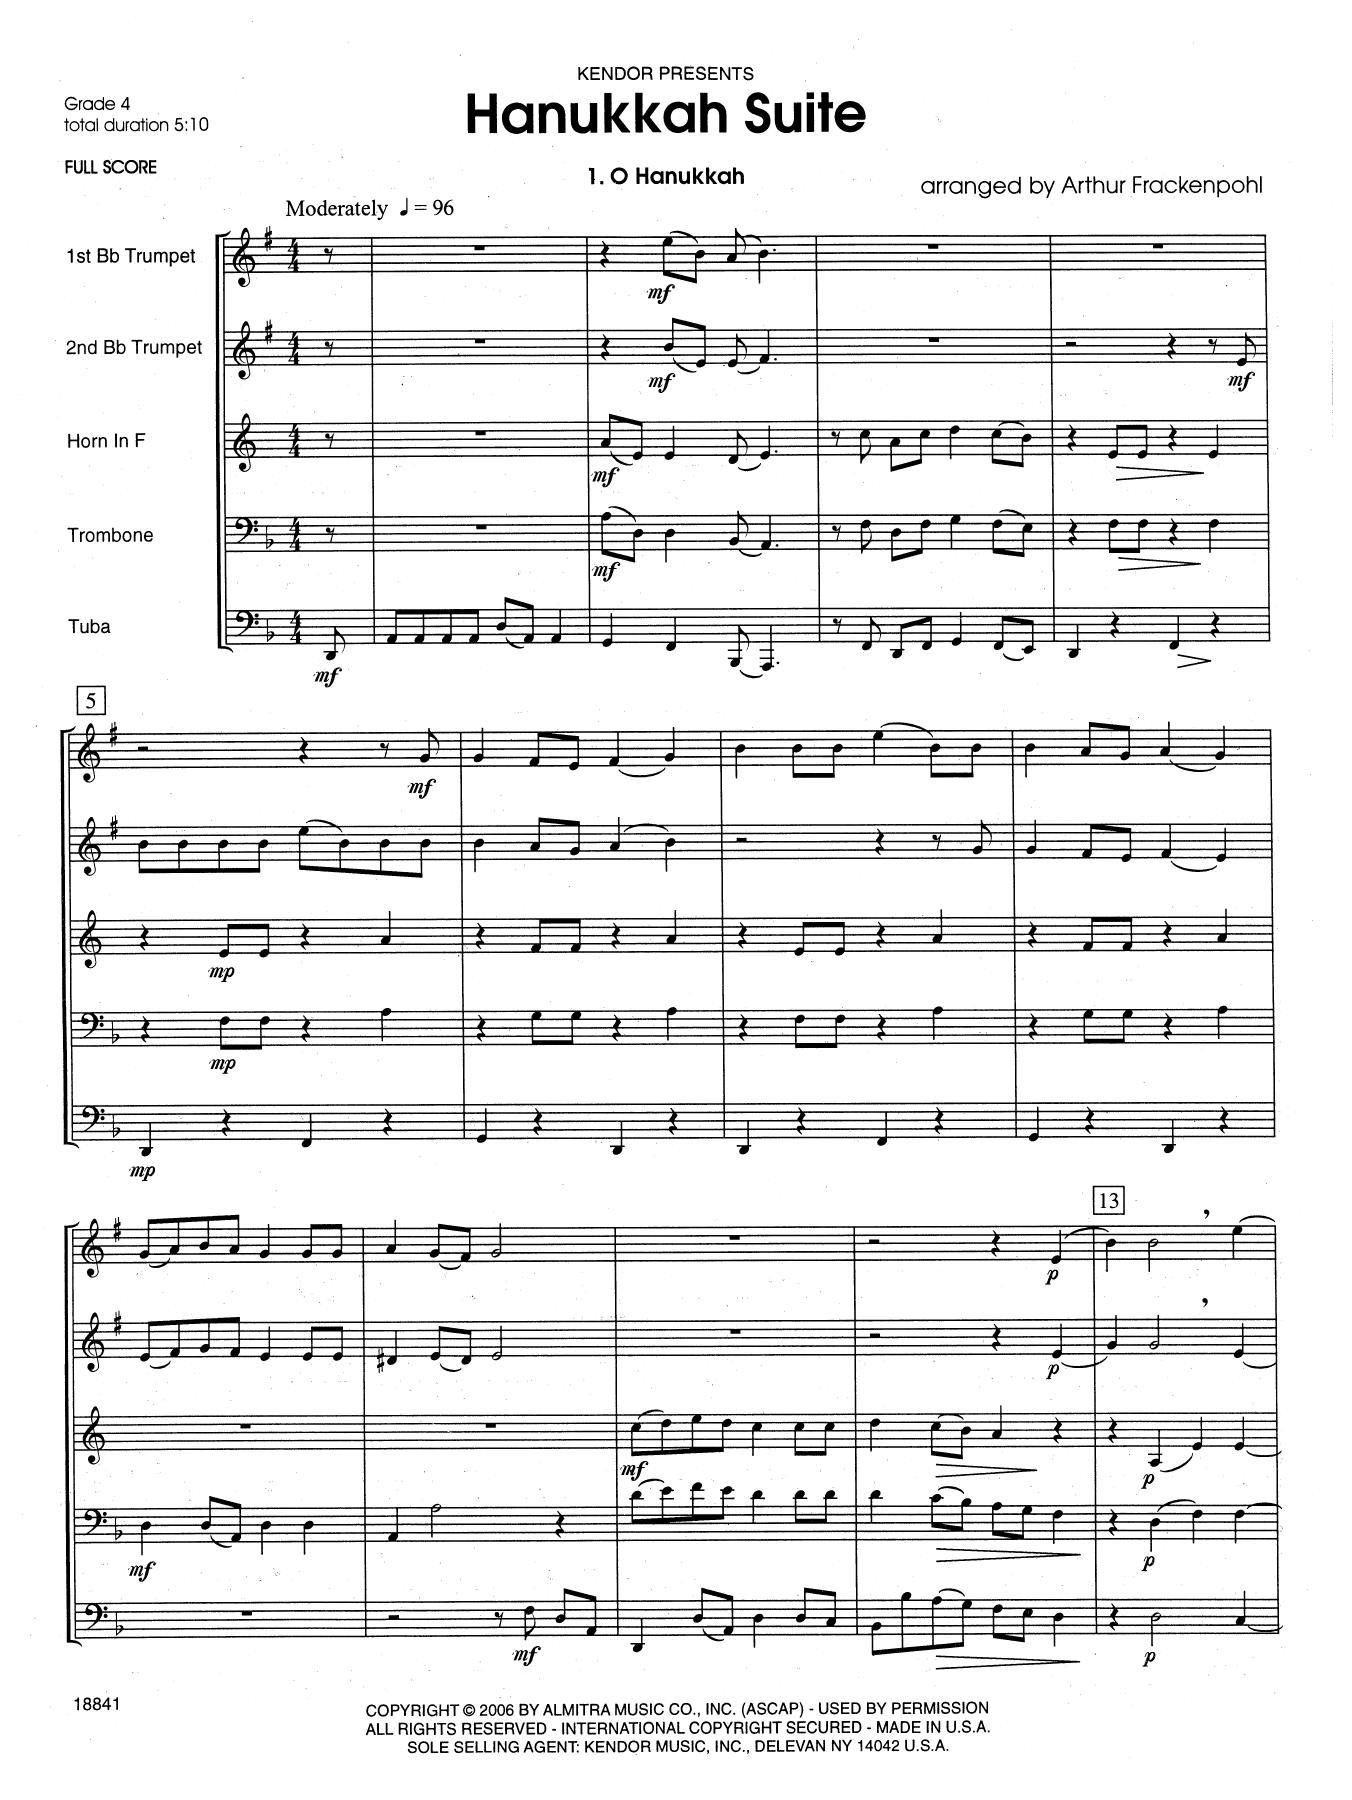 Hanukkah Suite (COMPLETE) sheet music for brass quintet by Arthur Frackenpohl